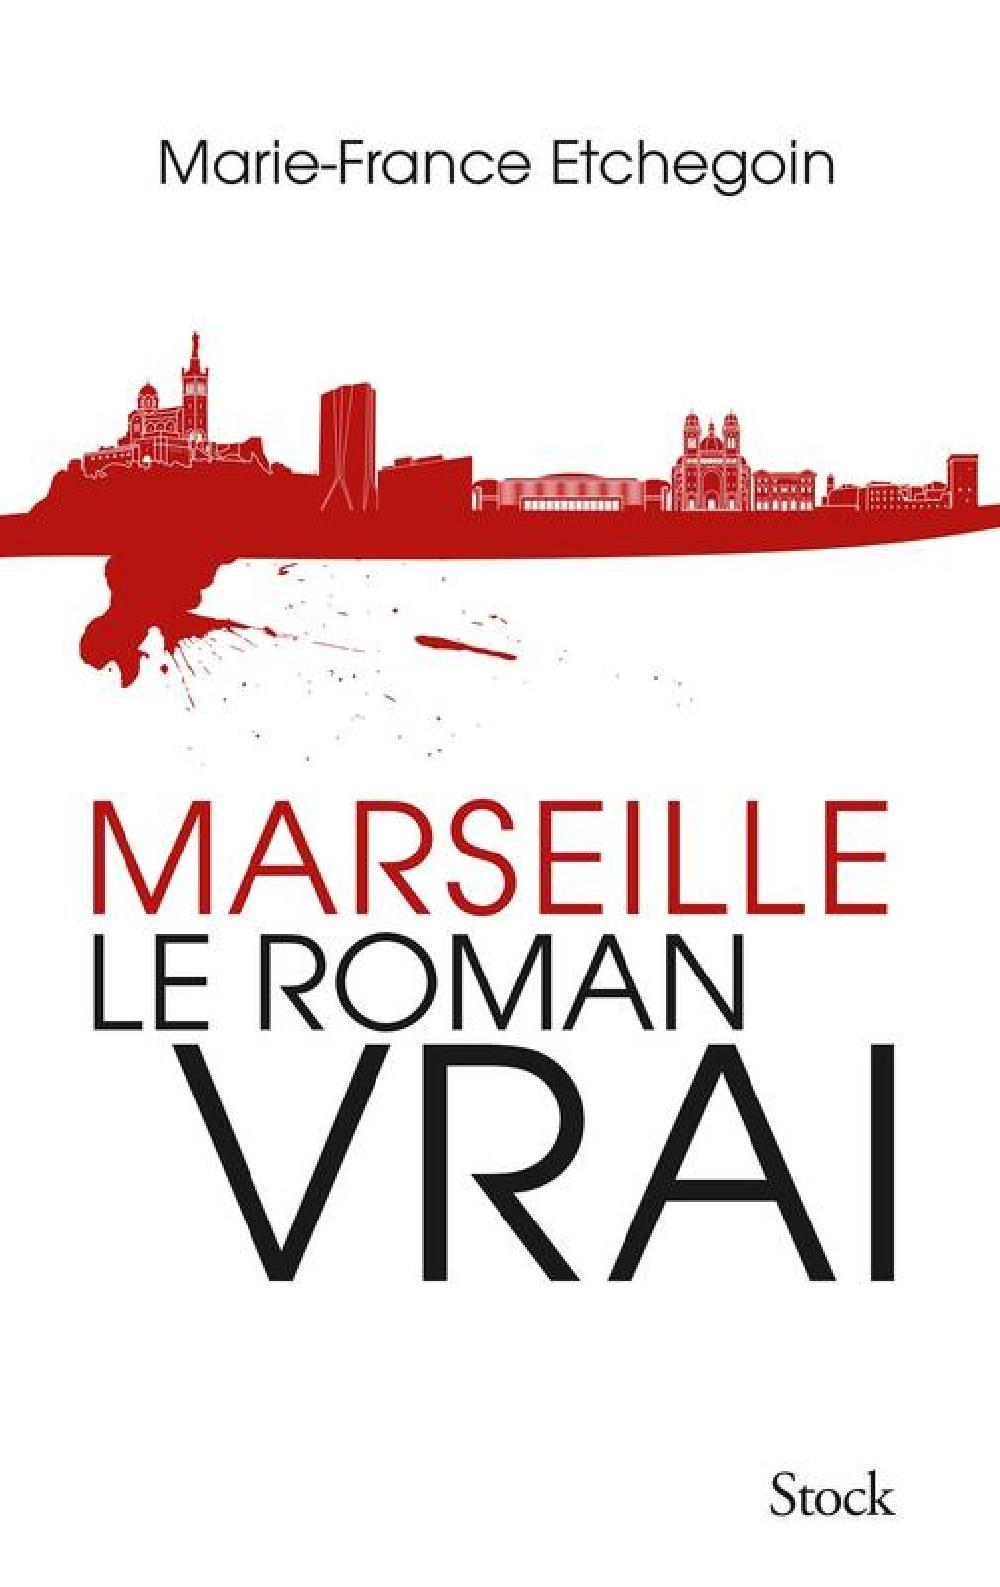 Marseille le roman vrai